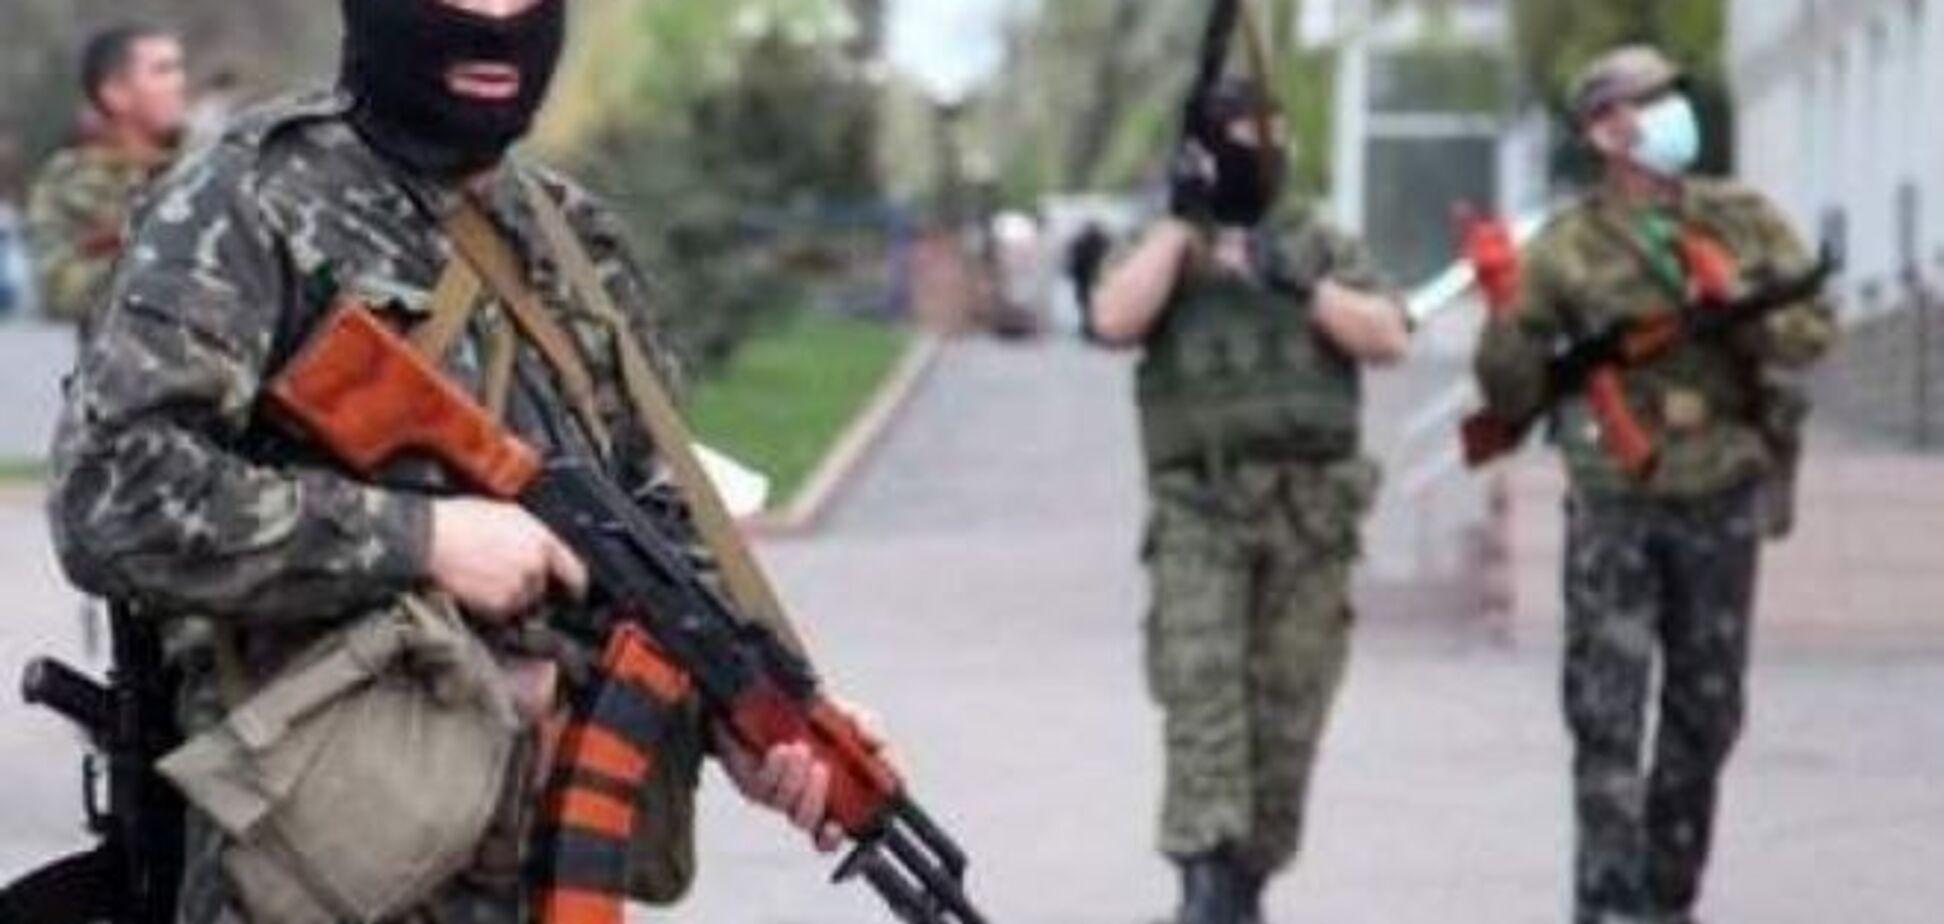 Военный эксперт на примере Марьинки пояснил, как Путин 'сливает' террористов